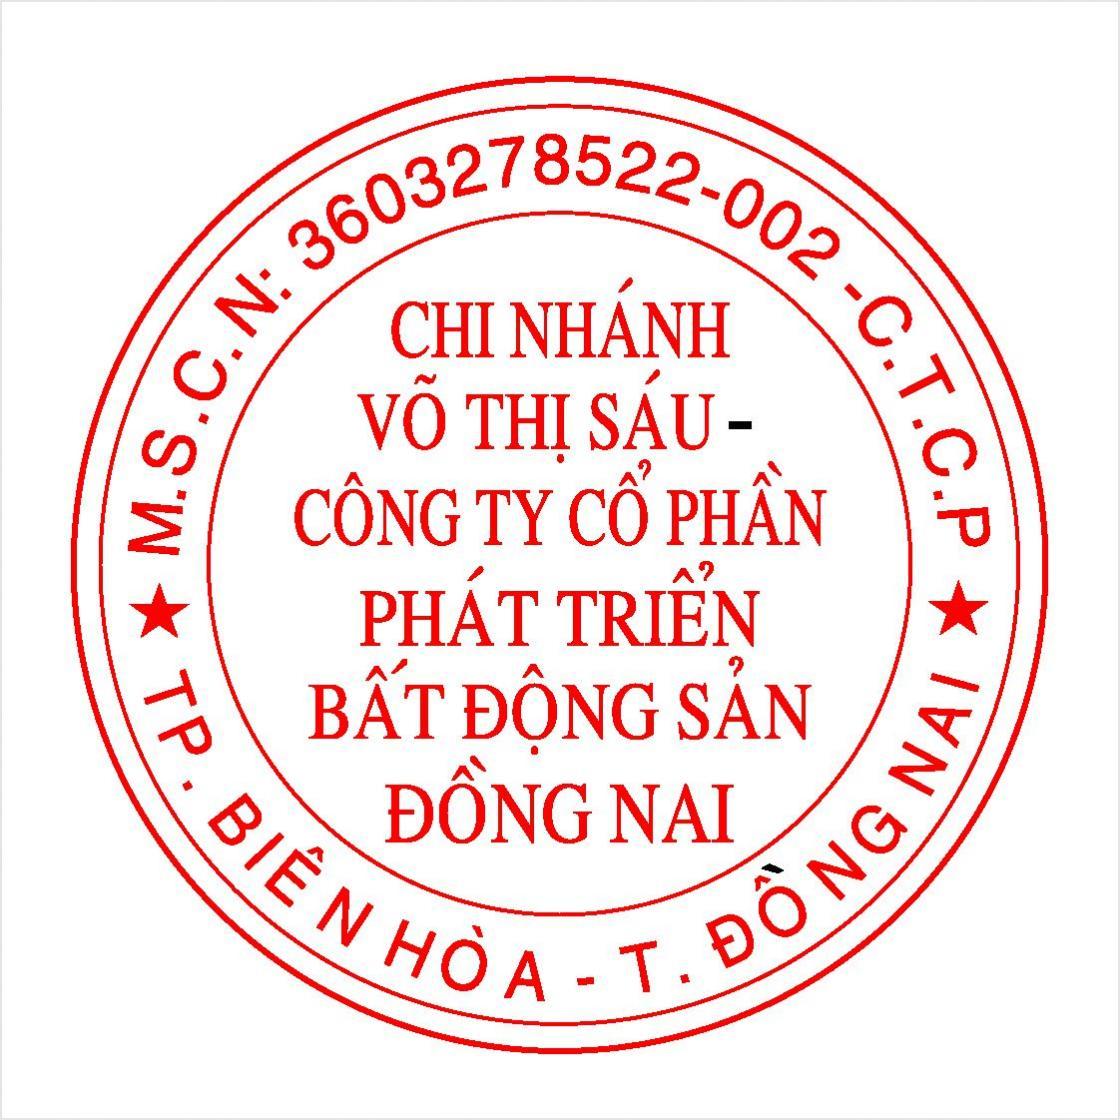 khac-con-dau-tron-chi-nhanh-cong-ty-co-phan